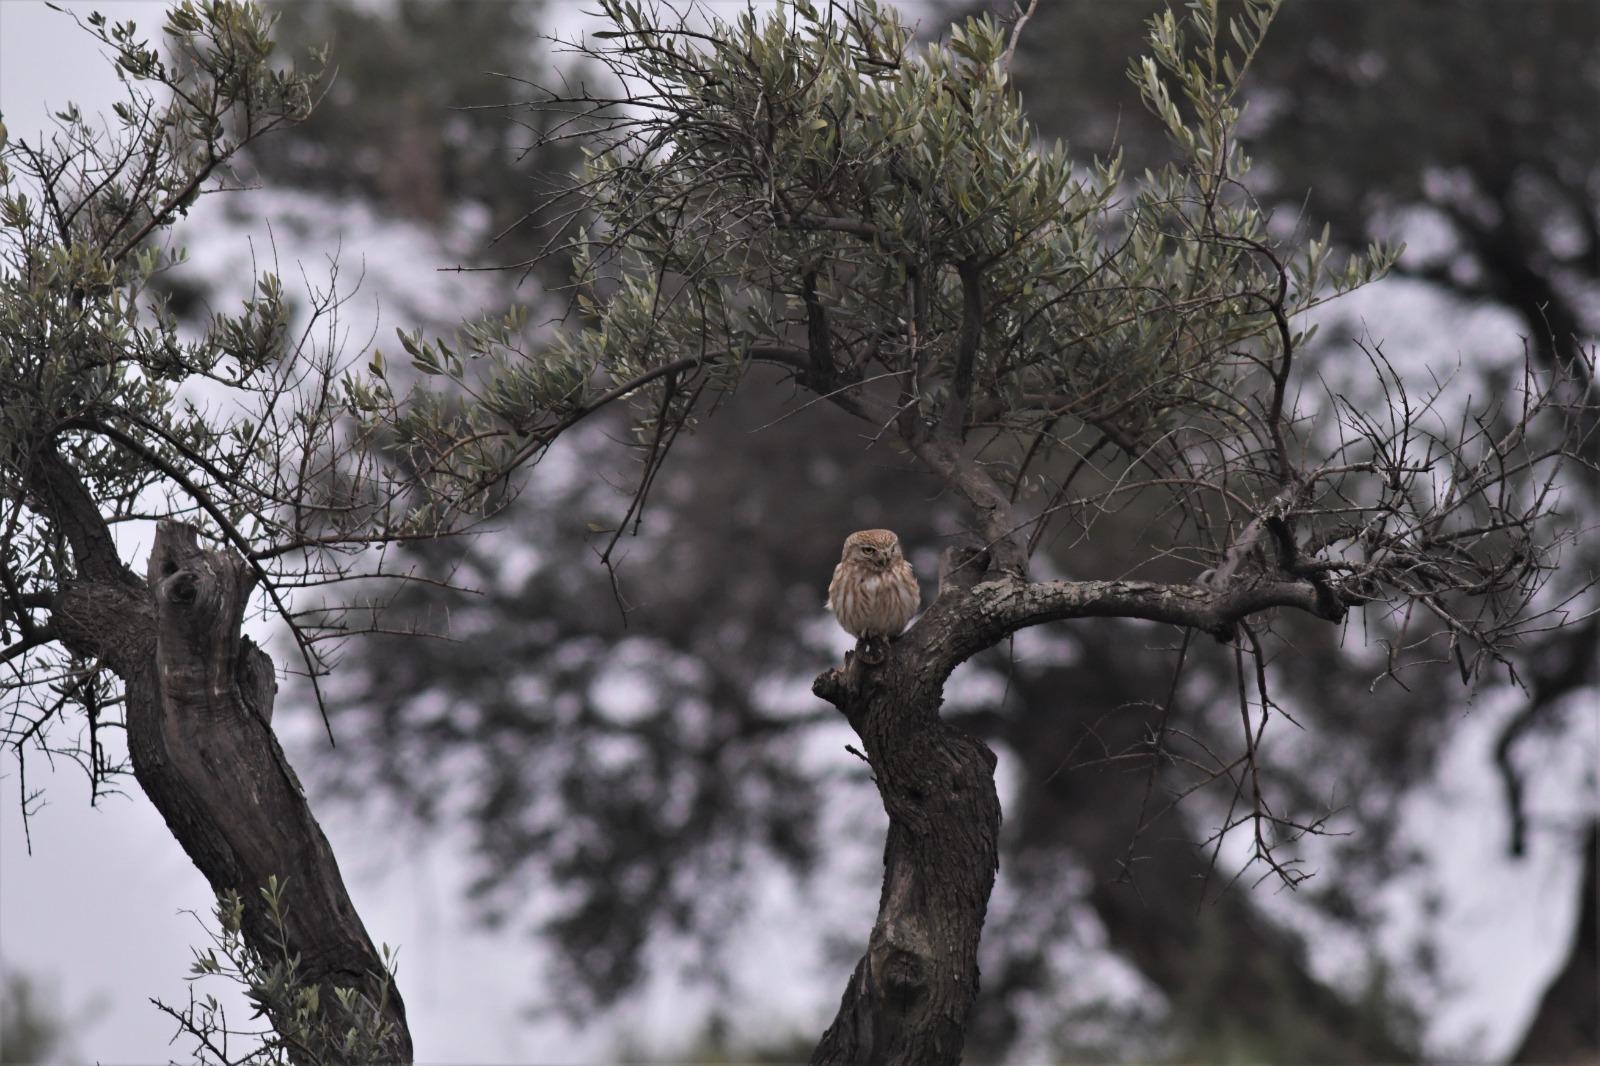 כוס החורבות על עץ זית, הר חומה, אפריל 2021 (צילום: דודו בן אור)